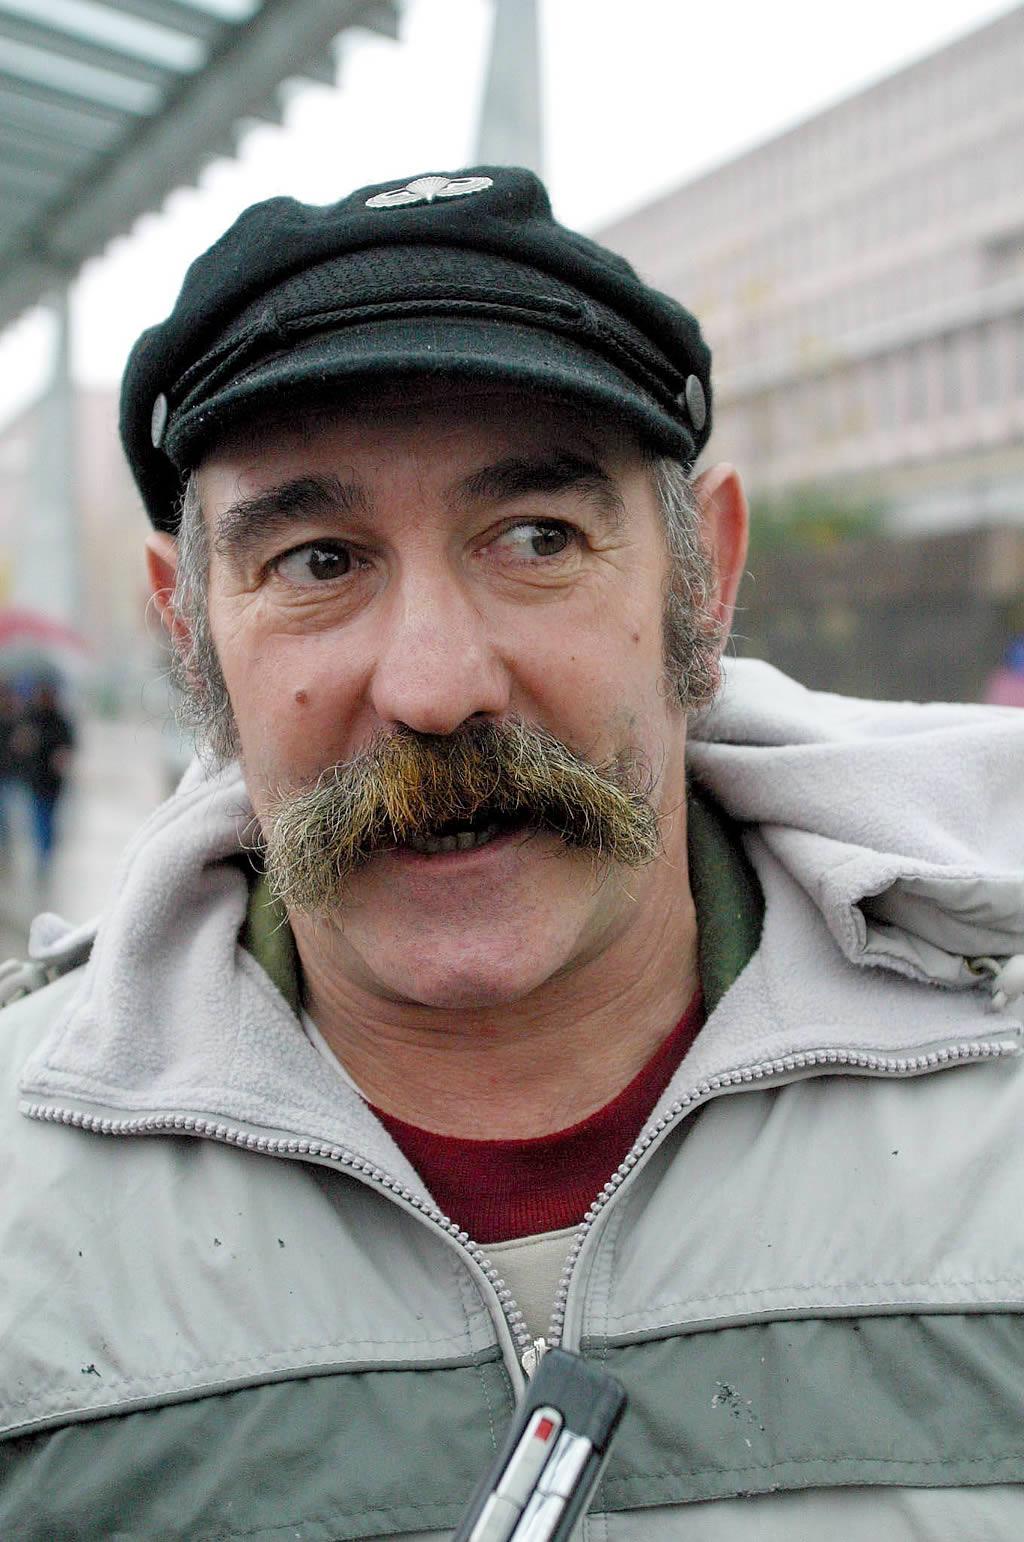 Rafael Ventureira, percebeiro de A Coruña presente en Compostela <br>Xoan A. Soler